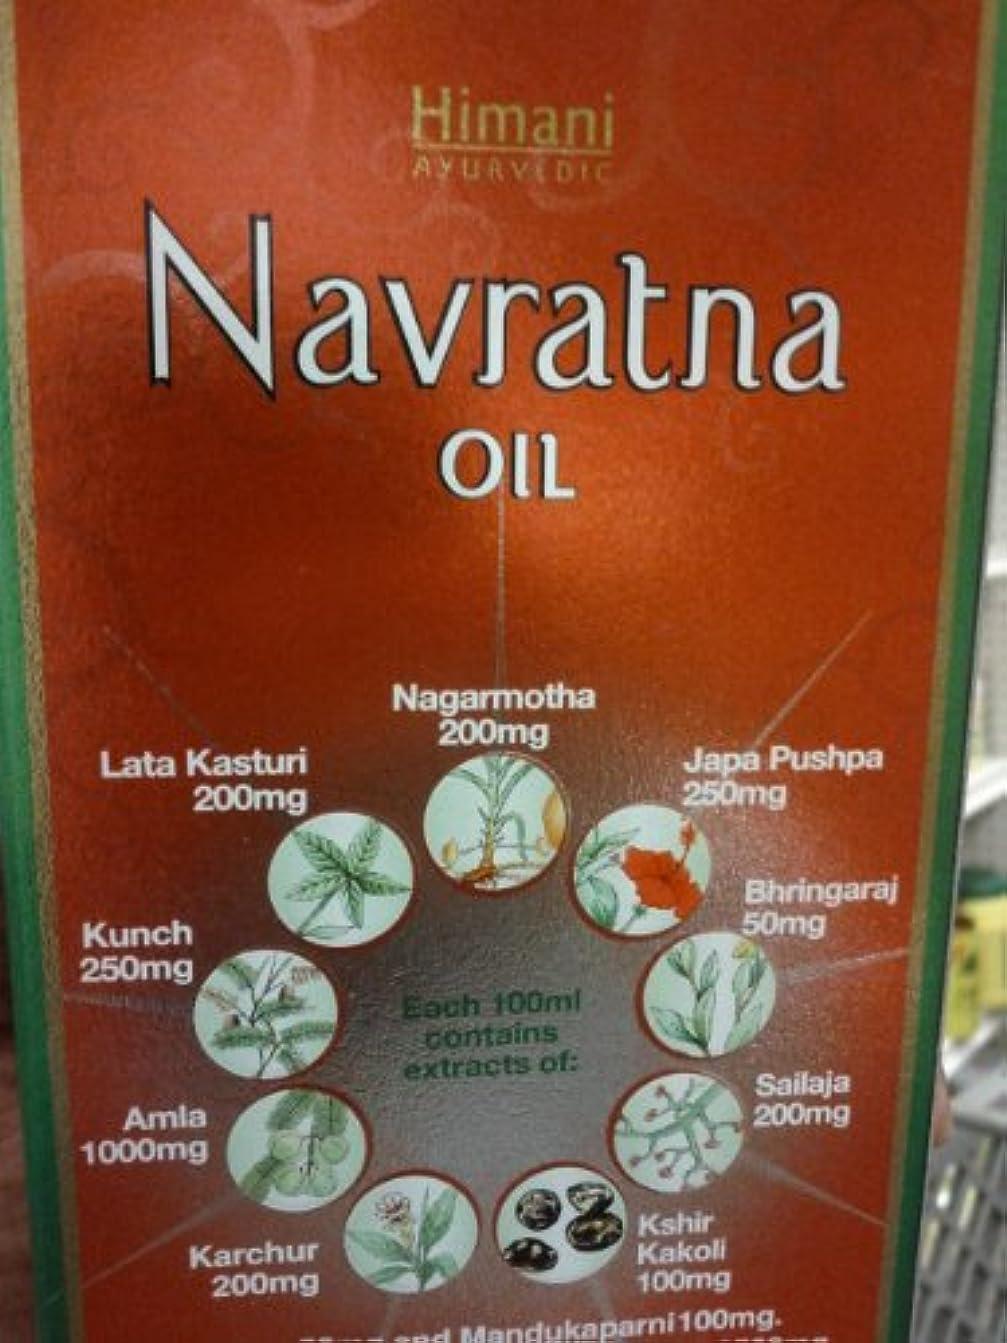 接続詞行動真夜中Himani Navratna Oil 300 MlHimani Navratnaオイル300mlの